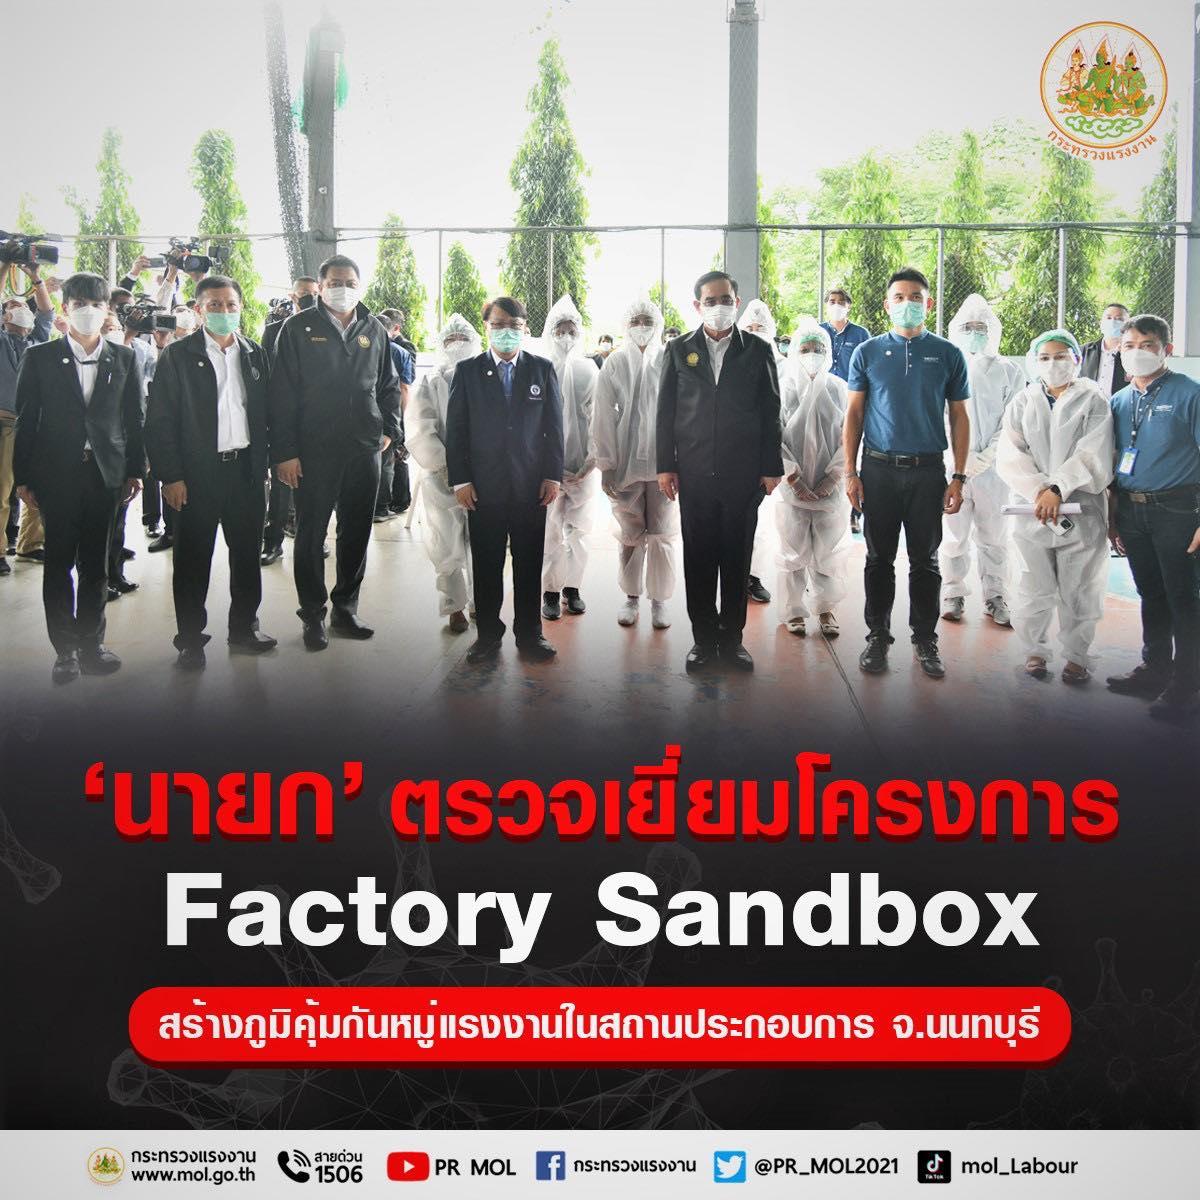 นายก ตรวจเยี่ยมโครงการแฟคทอรี่แซนด์บ็อกซ์ สร้างภูมิคุ้มกันหมู่แรงงานในสถานประกอบการ จ.นนทบุรี อ่านต่อได้ที่…http://shorturl.asia/zj1MD-2